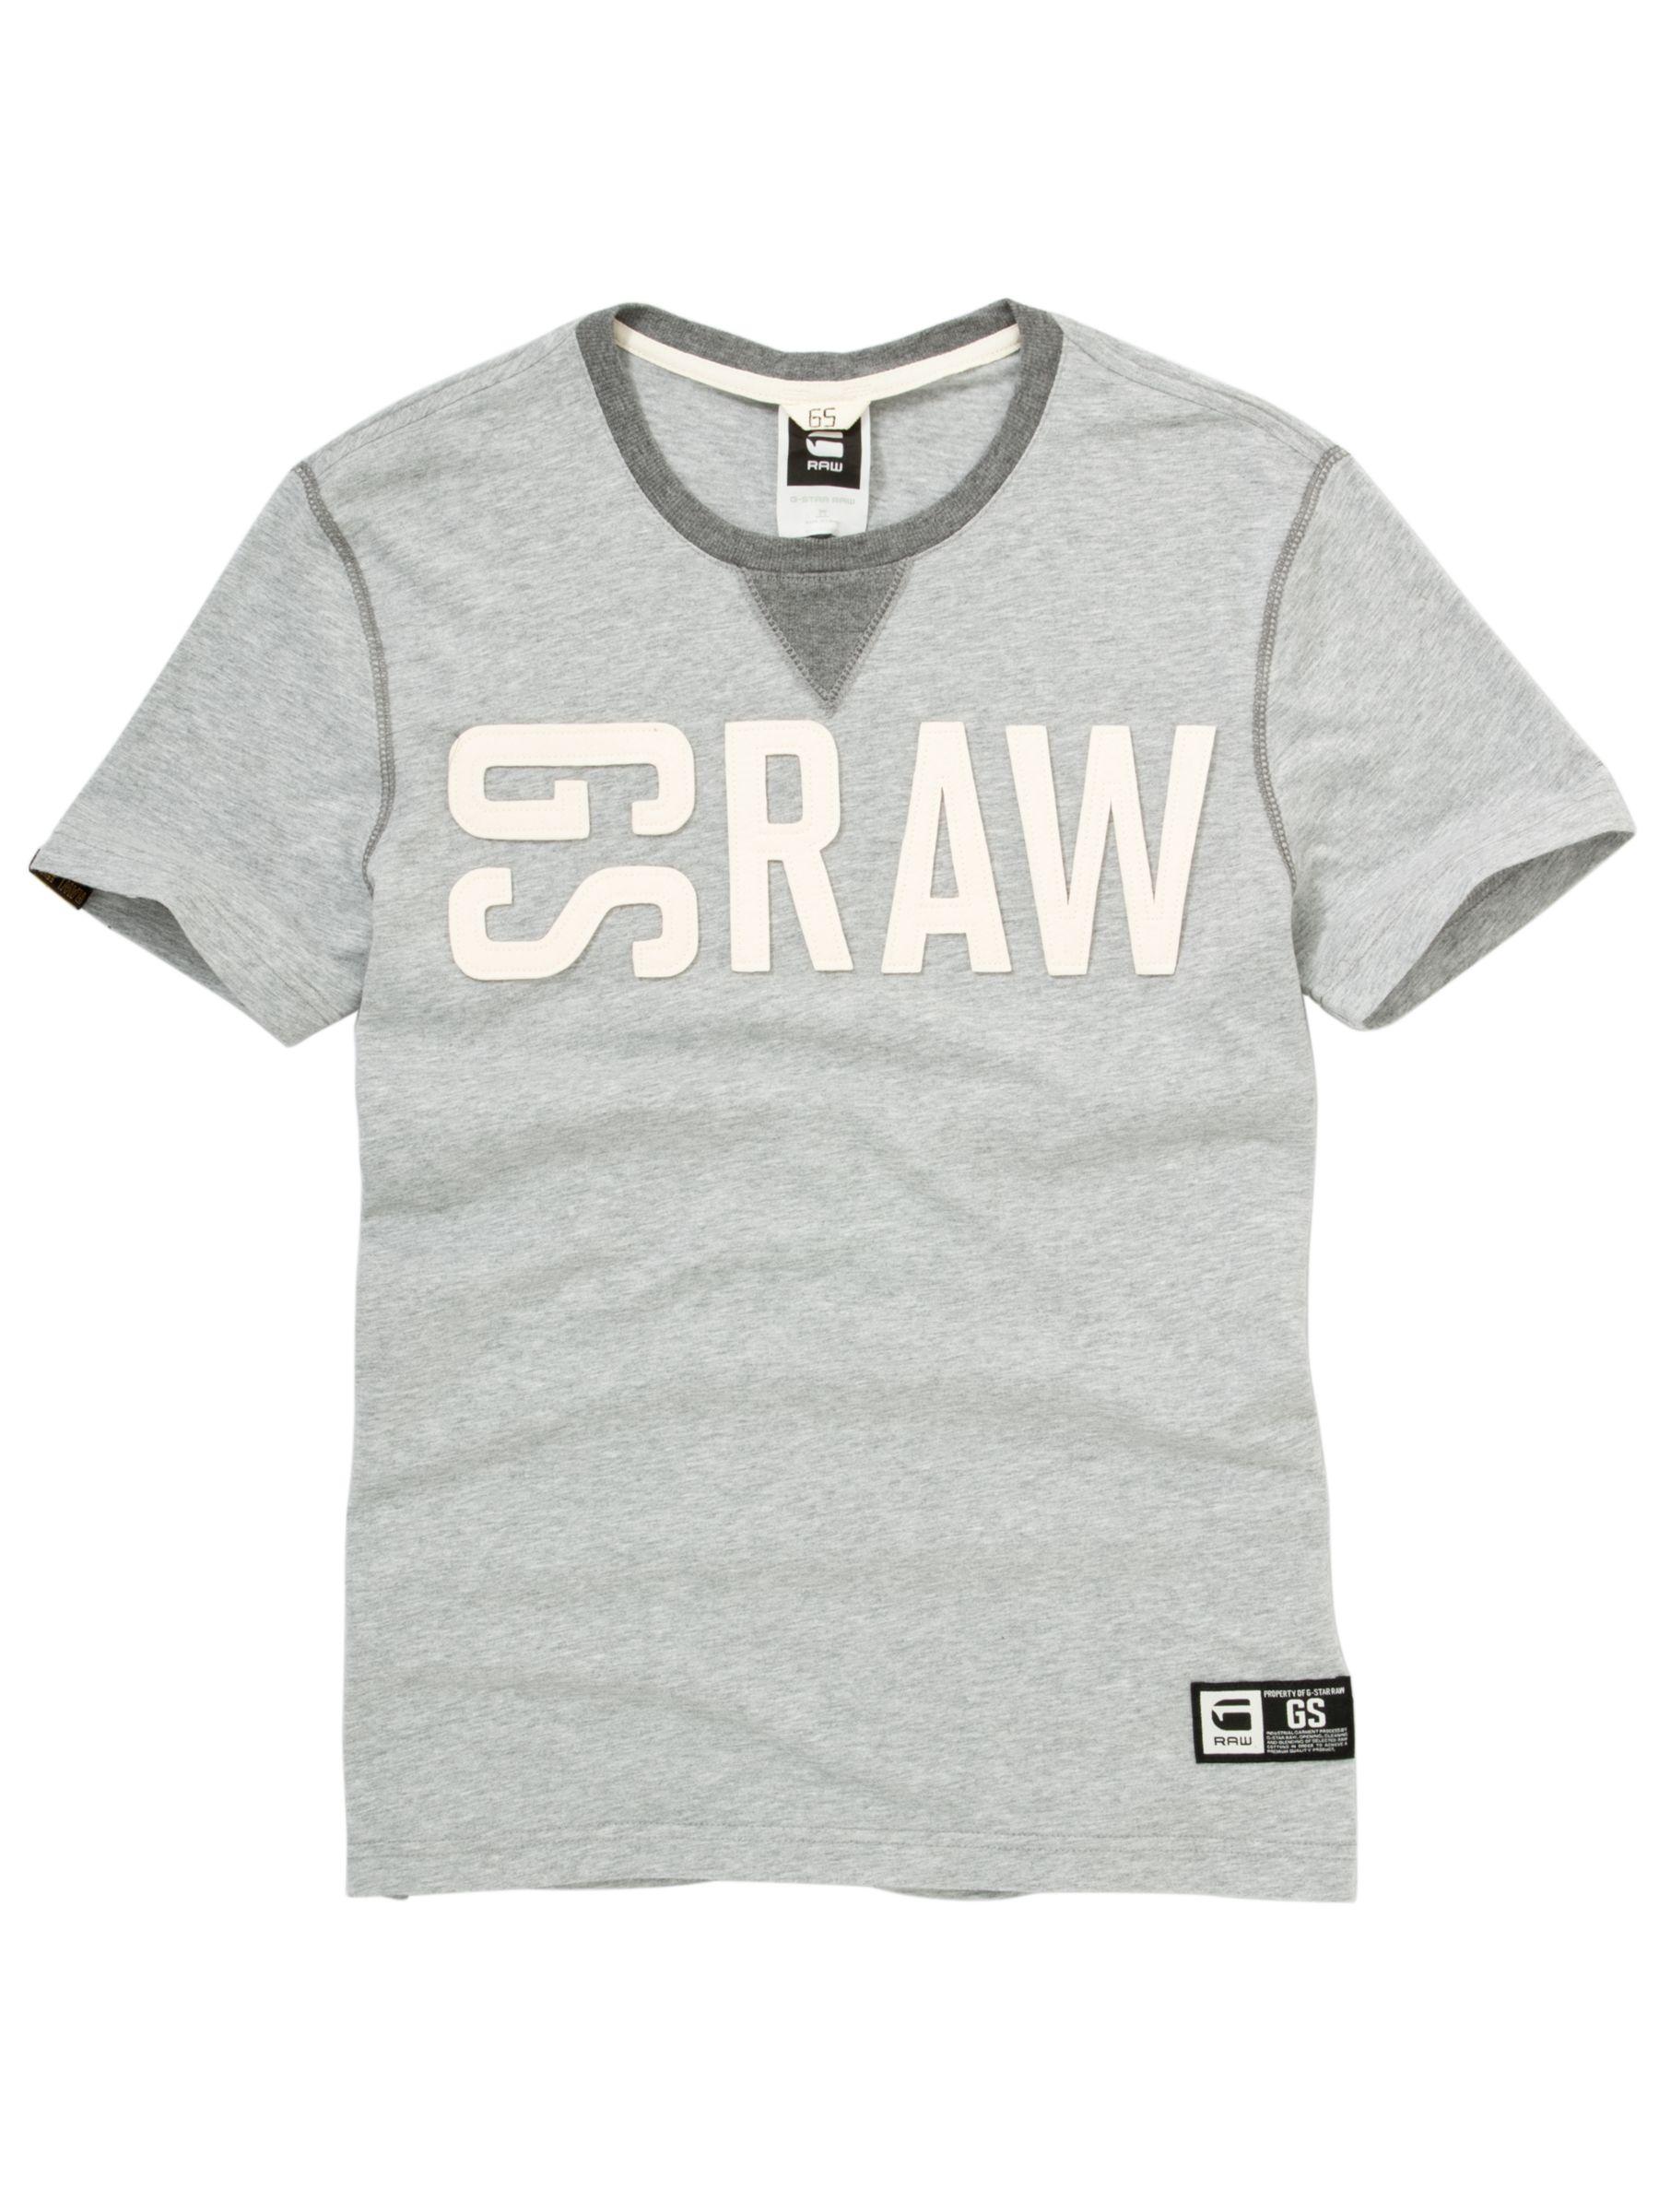 Hawkeye Short-Sleeve T-Shirt, Grey